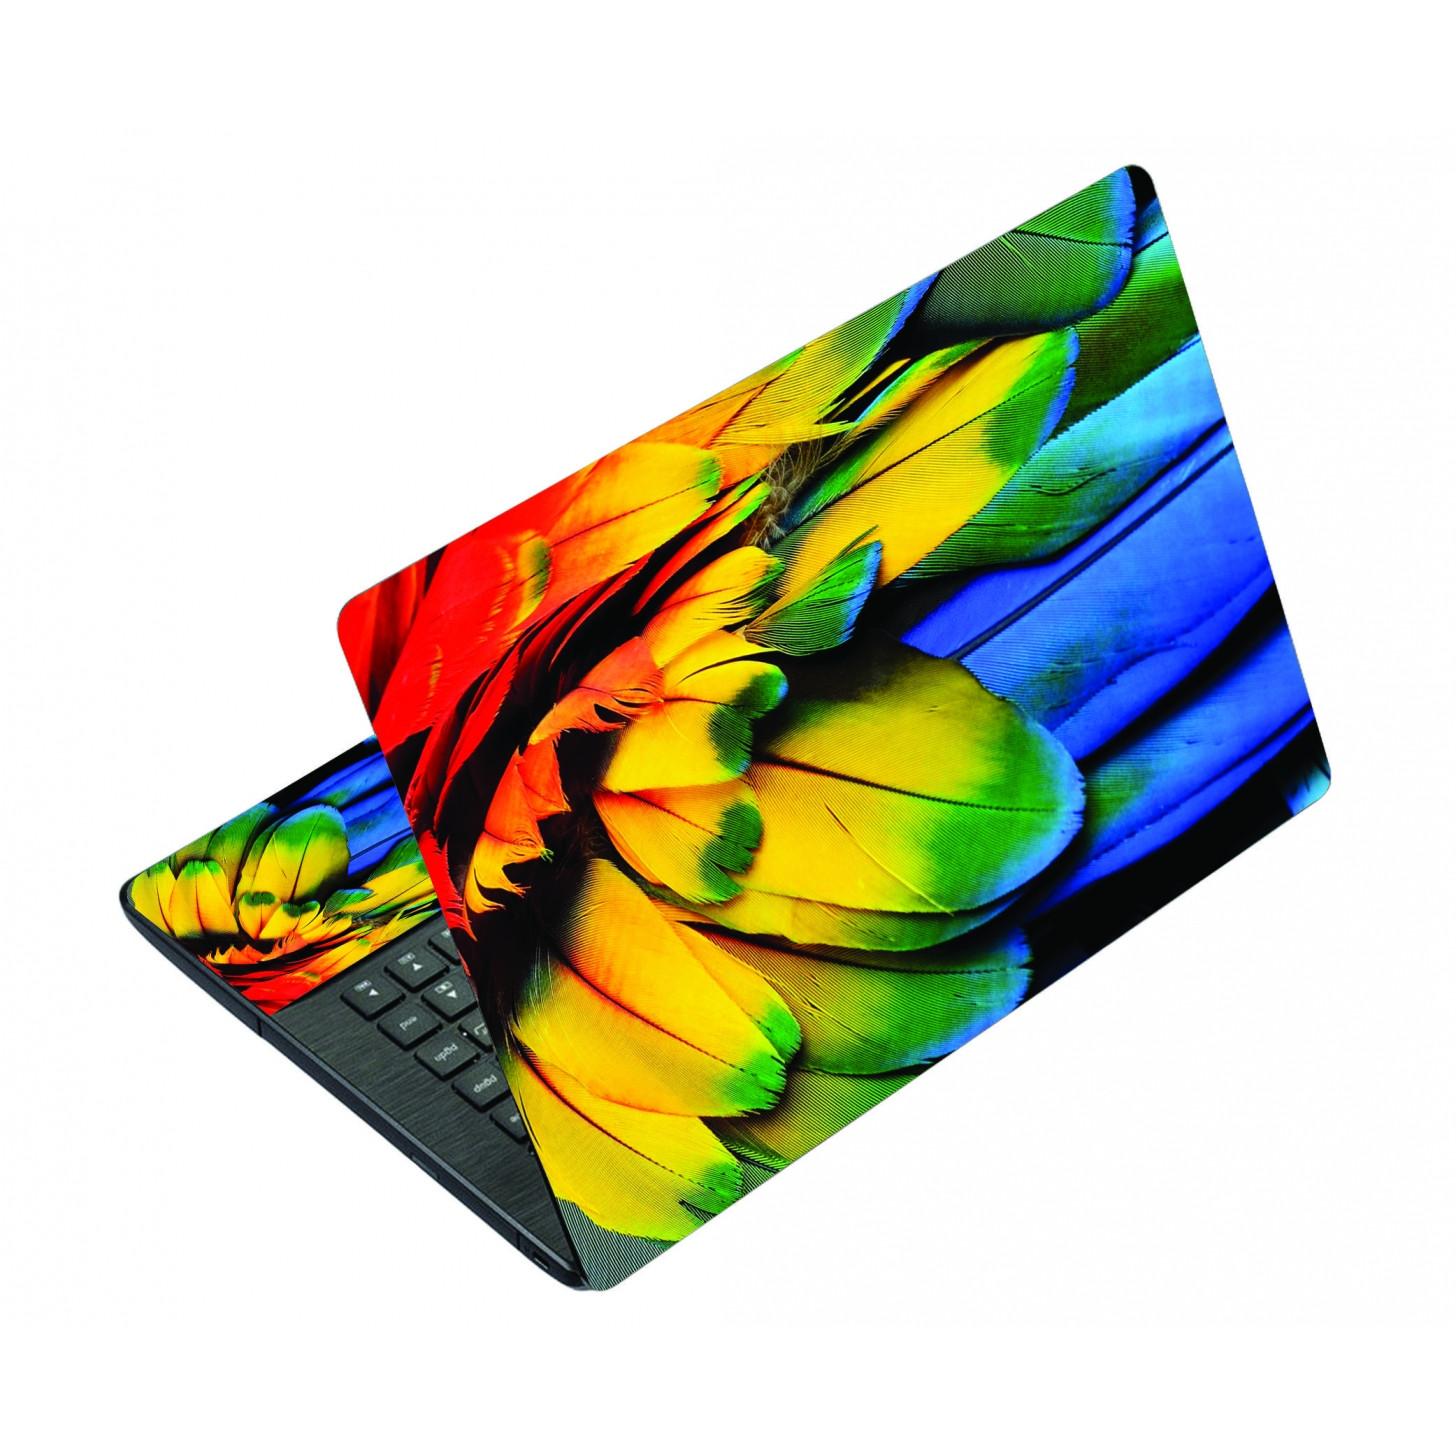 Miếng Dán Decal Dành Cho Laptop Mẫu Nghệ Thuật LTNT- 605 cỡ 13 inch